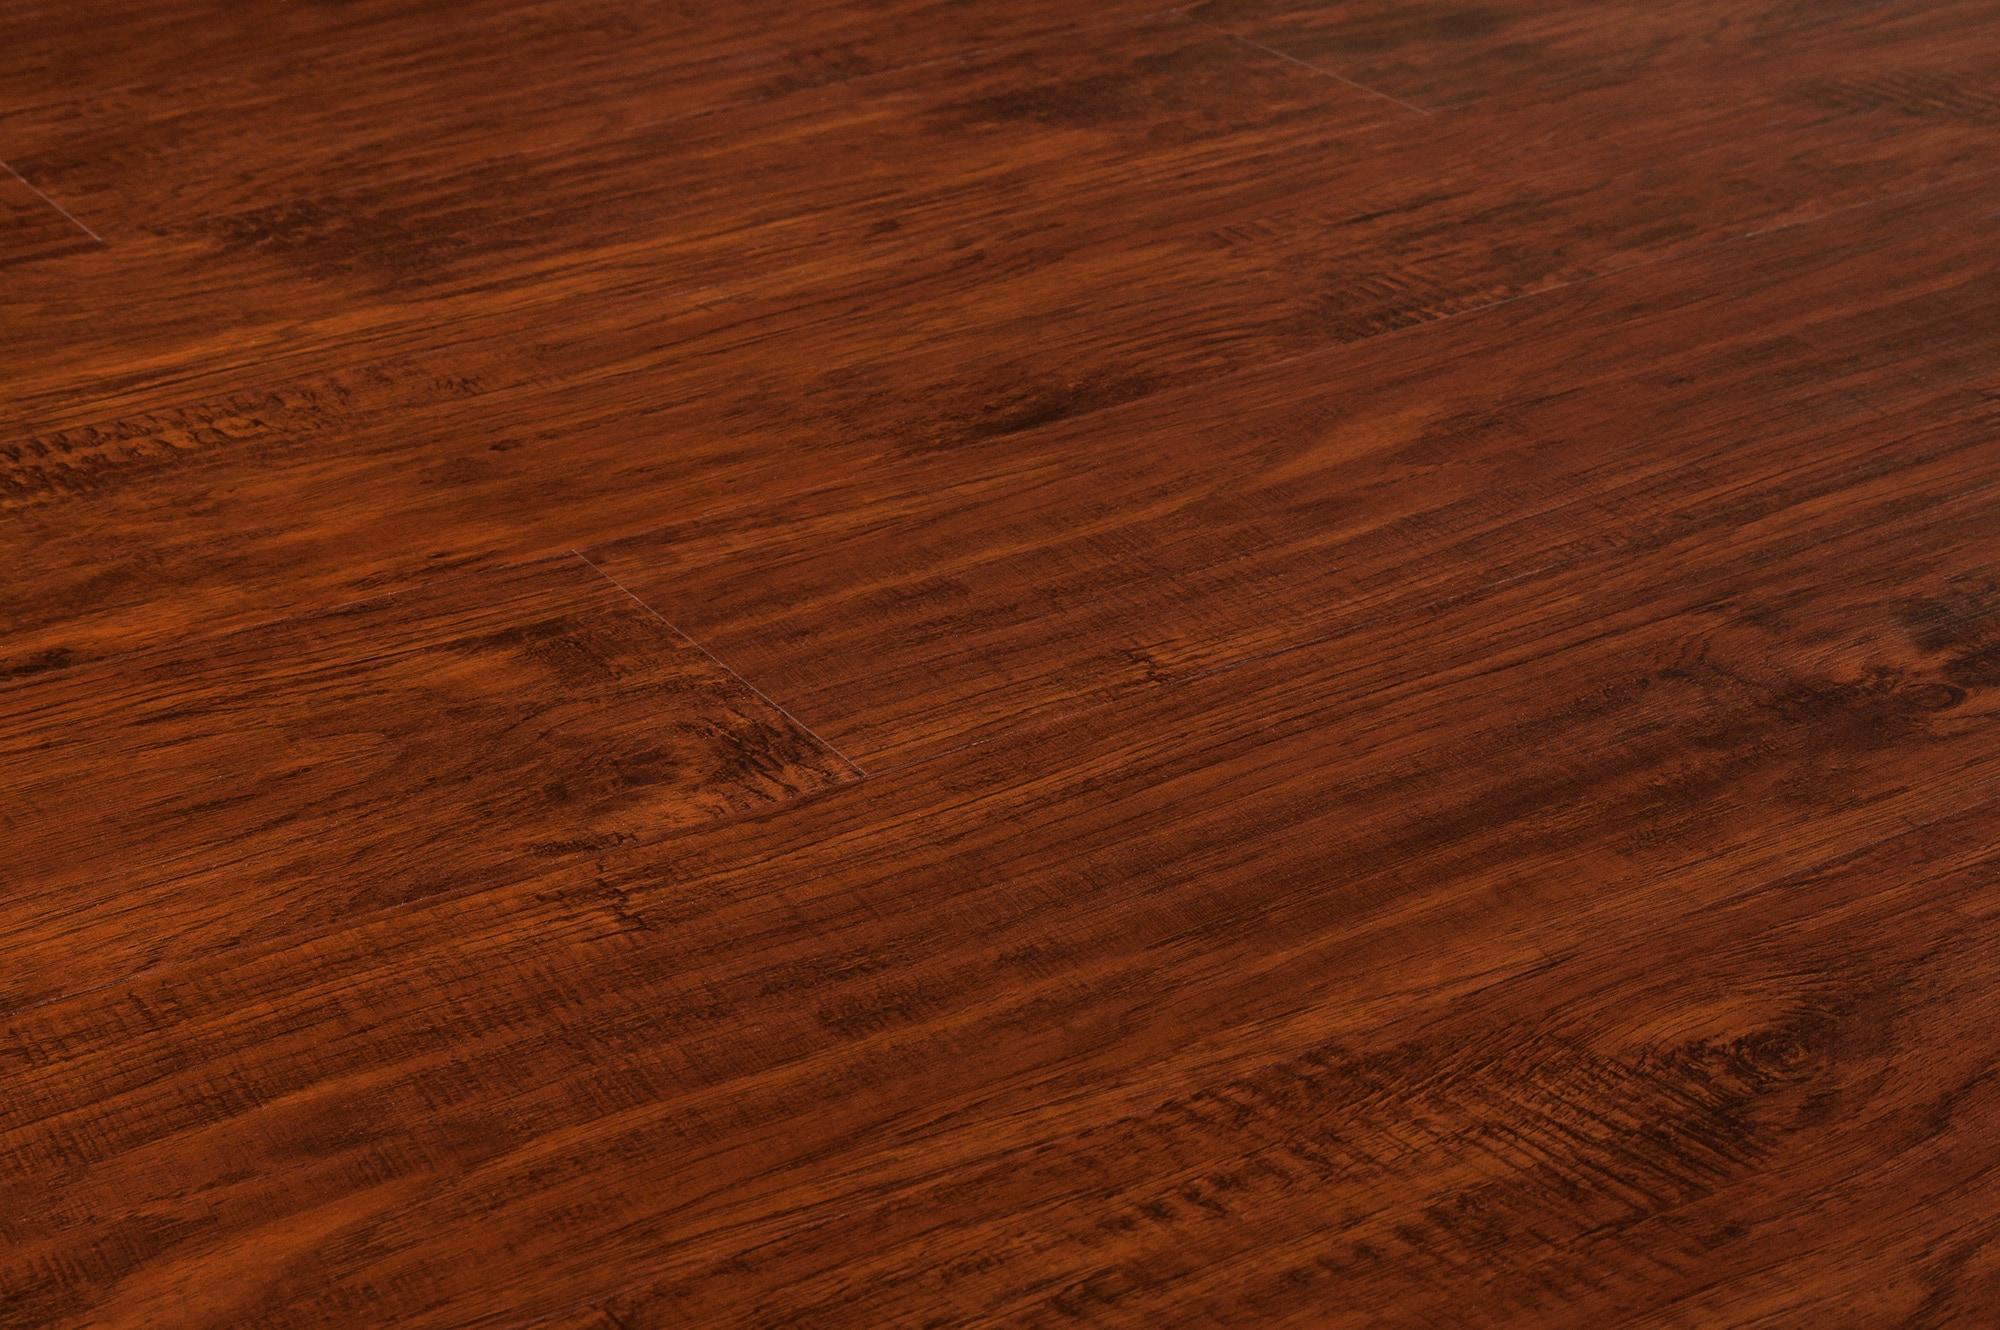 vinyl click plank flooring vesdura vinyl planks 3mm. Black Bedroom Furniture Sets. Home Design Ideas